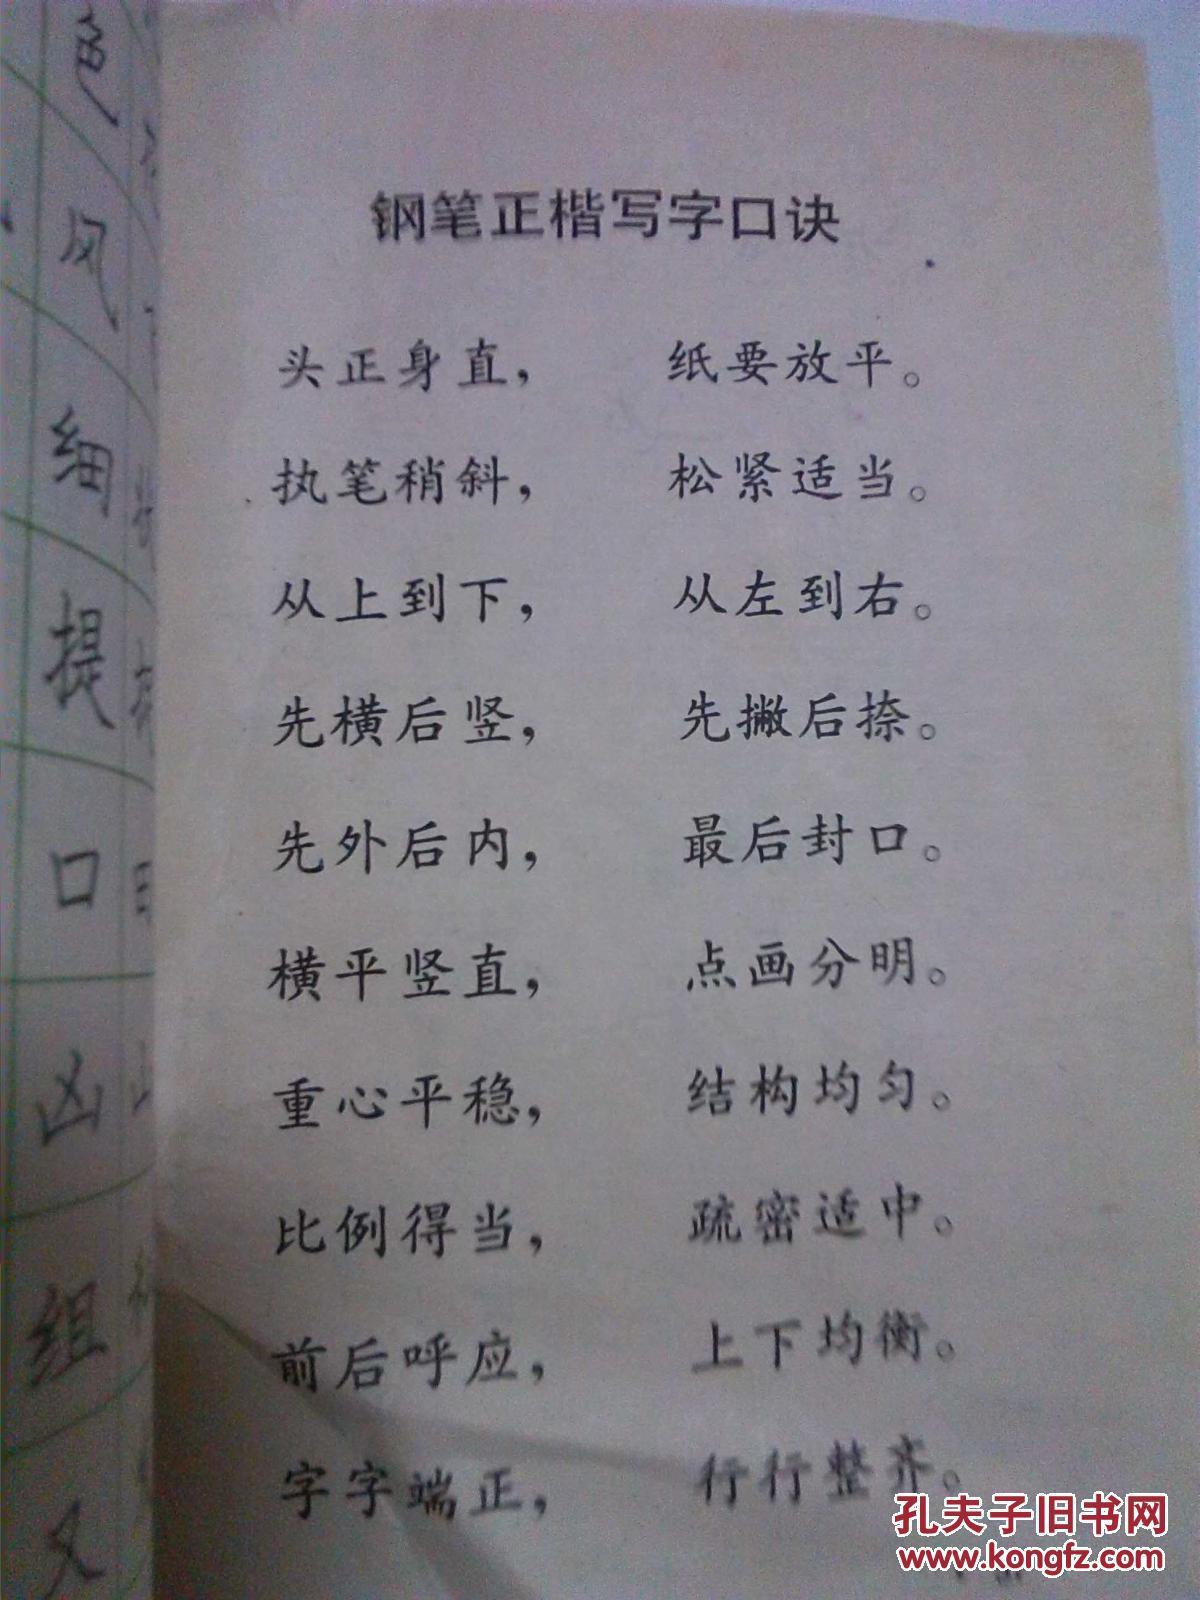 圆珠笔字帖3500常用字